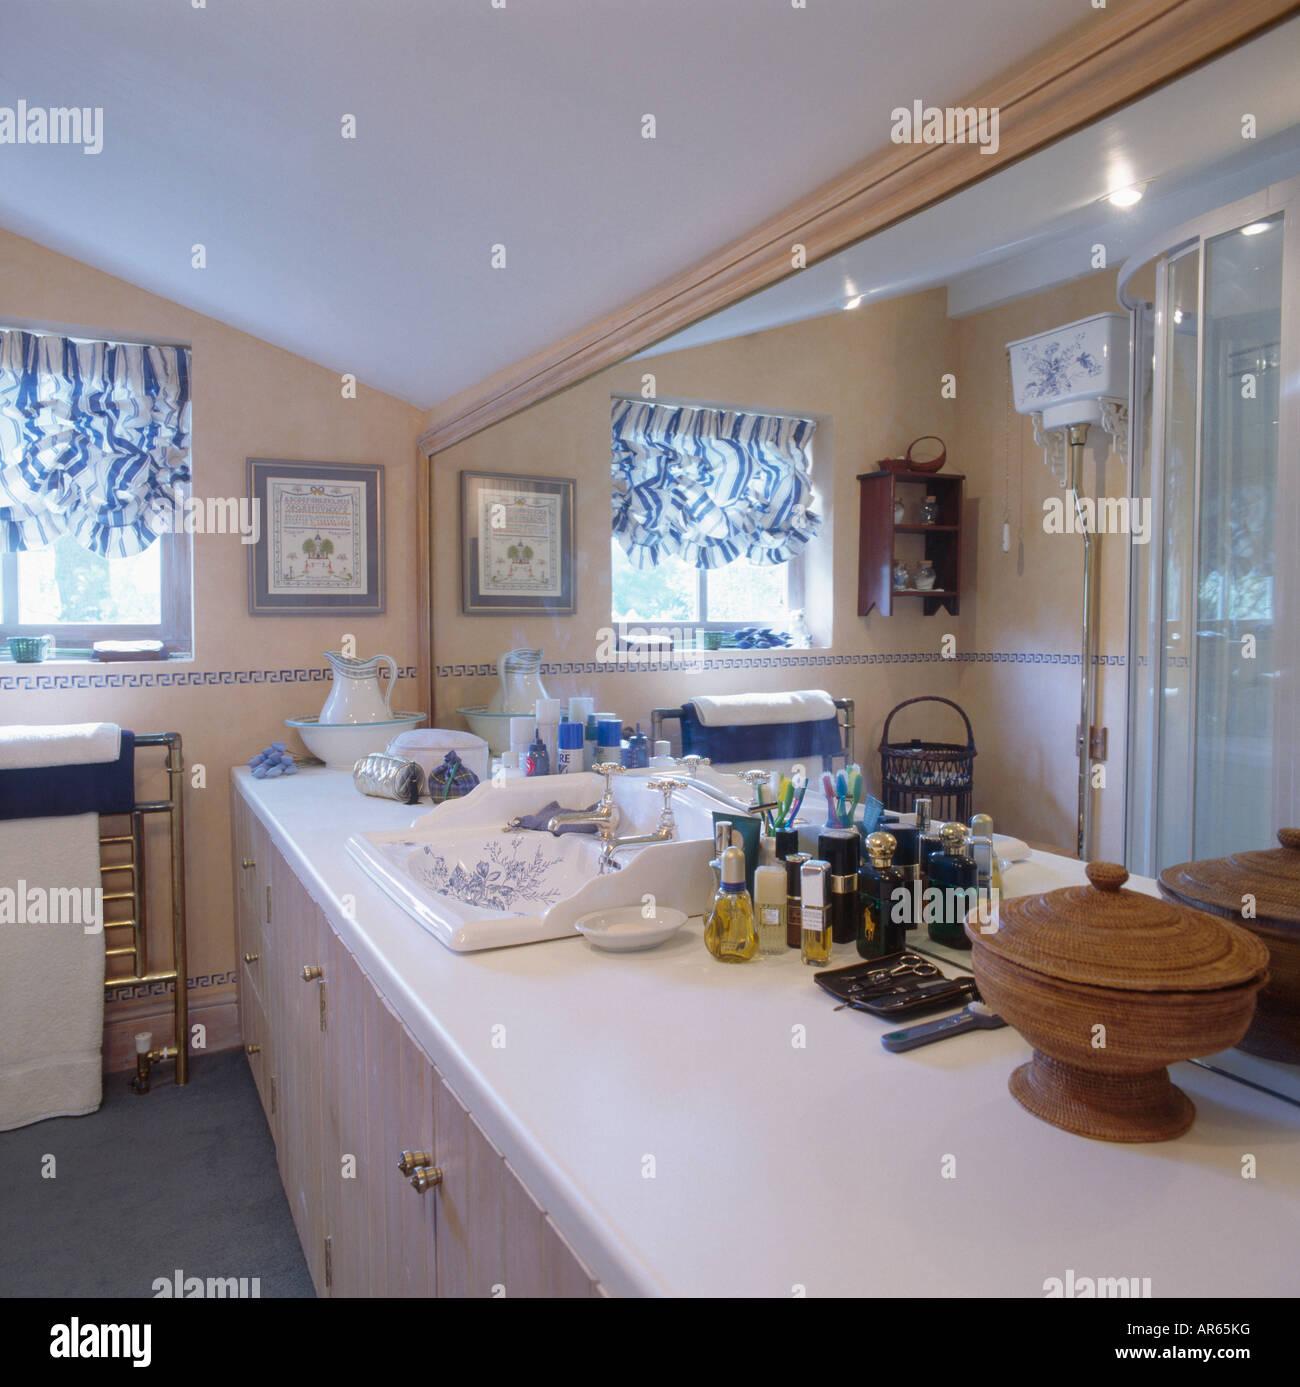 Perfume bottles on vanity unit below long mirror in town bathroom - Stock Image